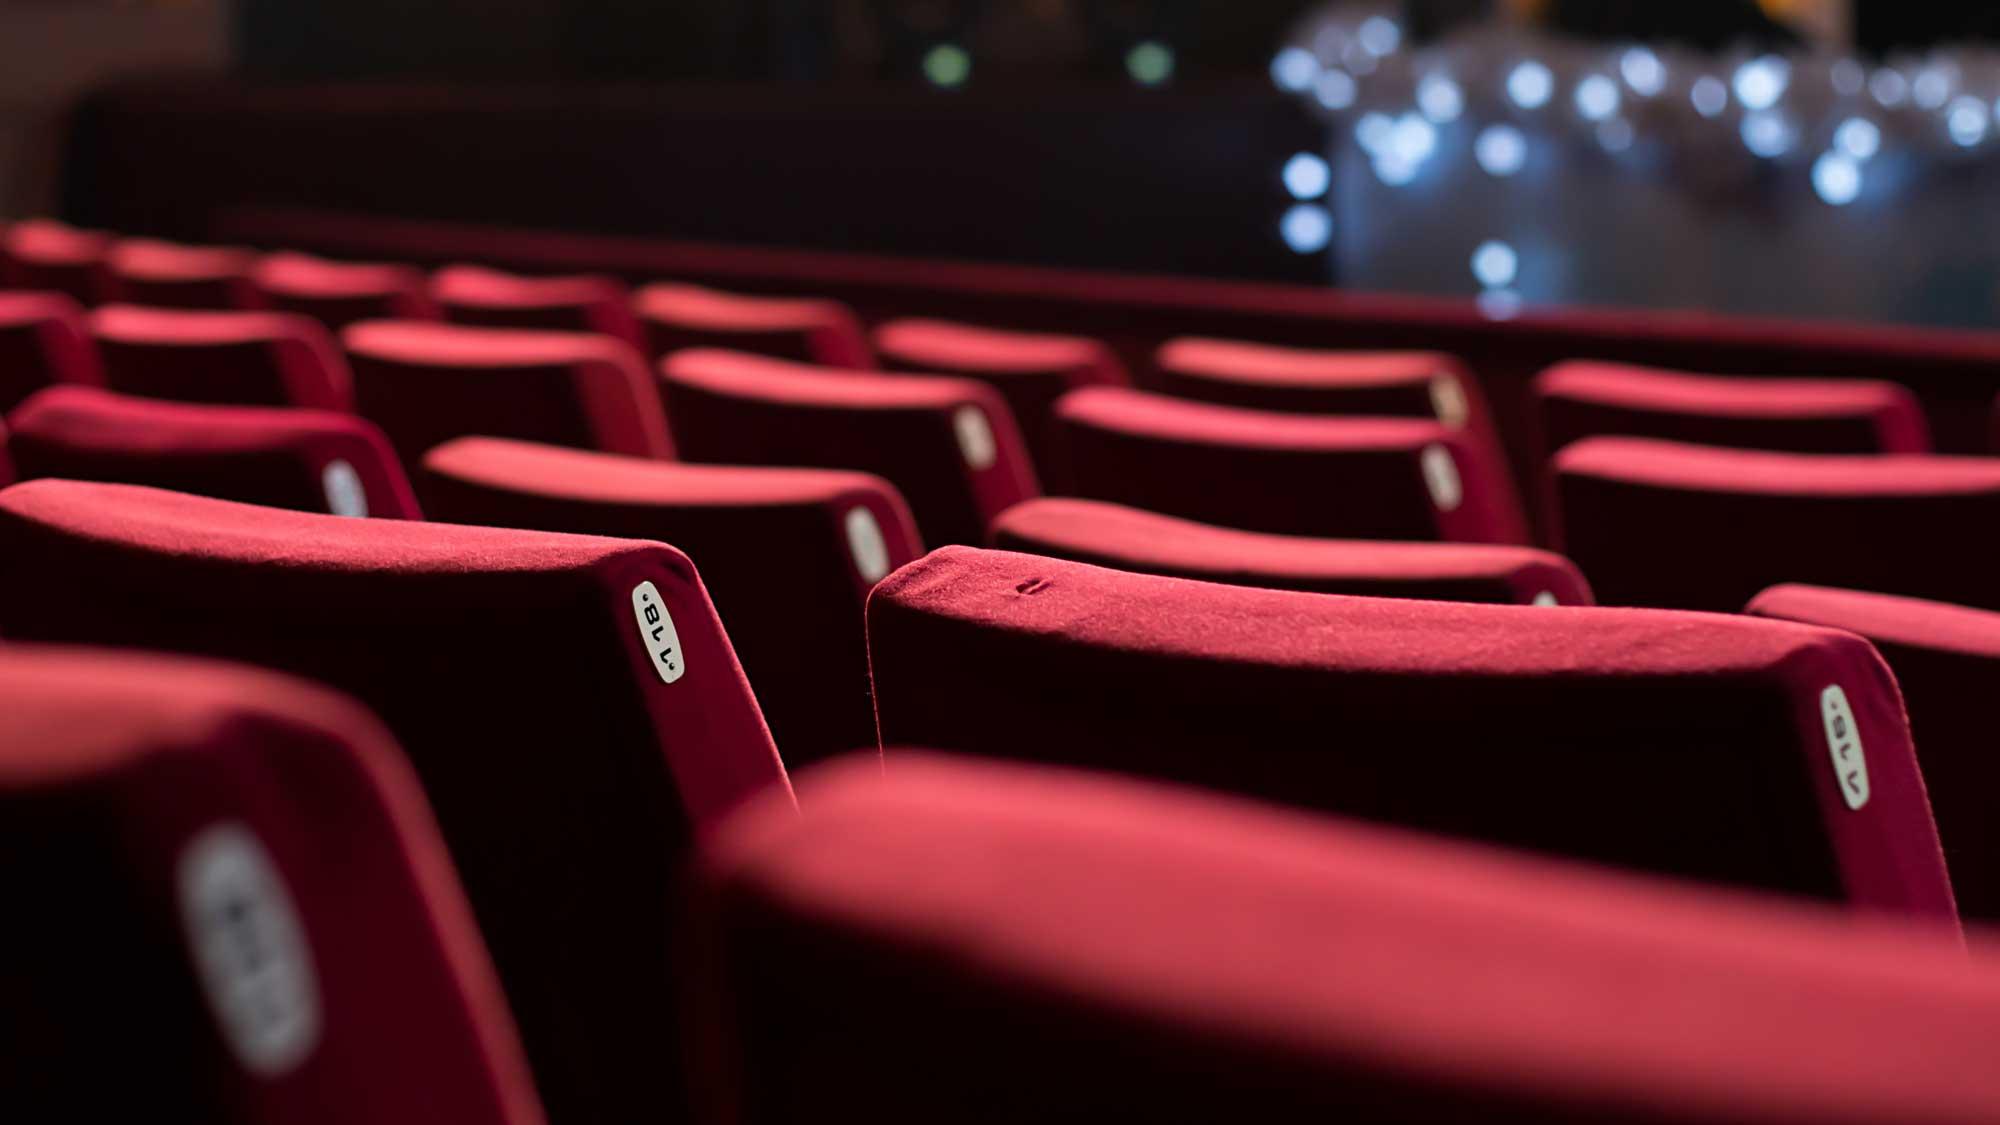 Cinéma découverte du patrimoine et activité culturel en Oisans